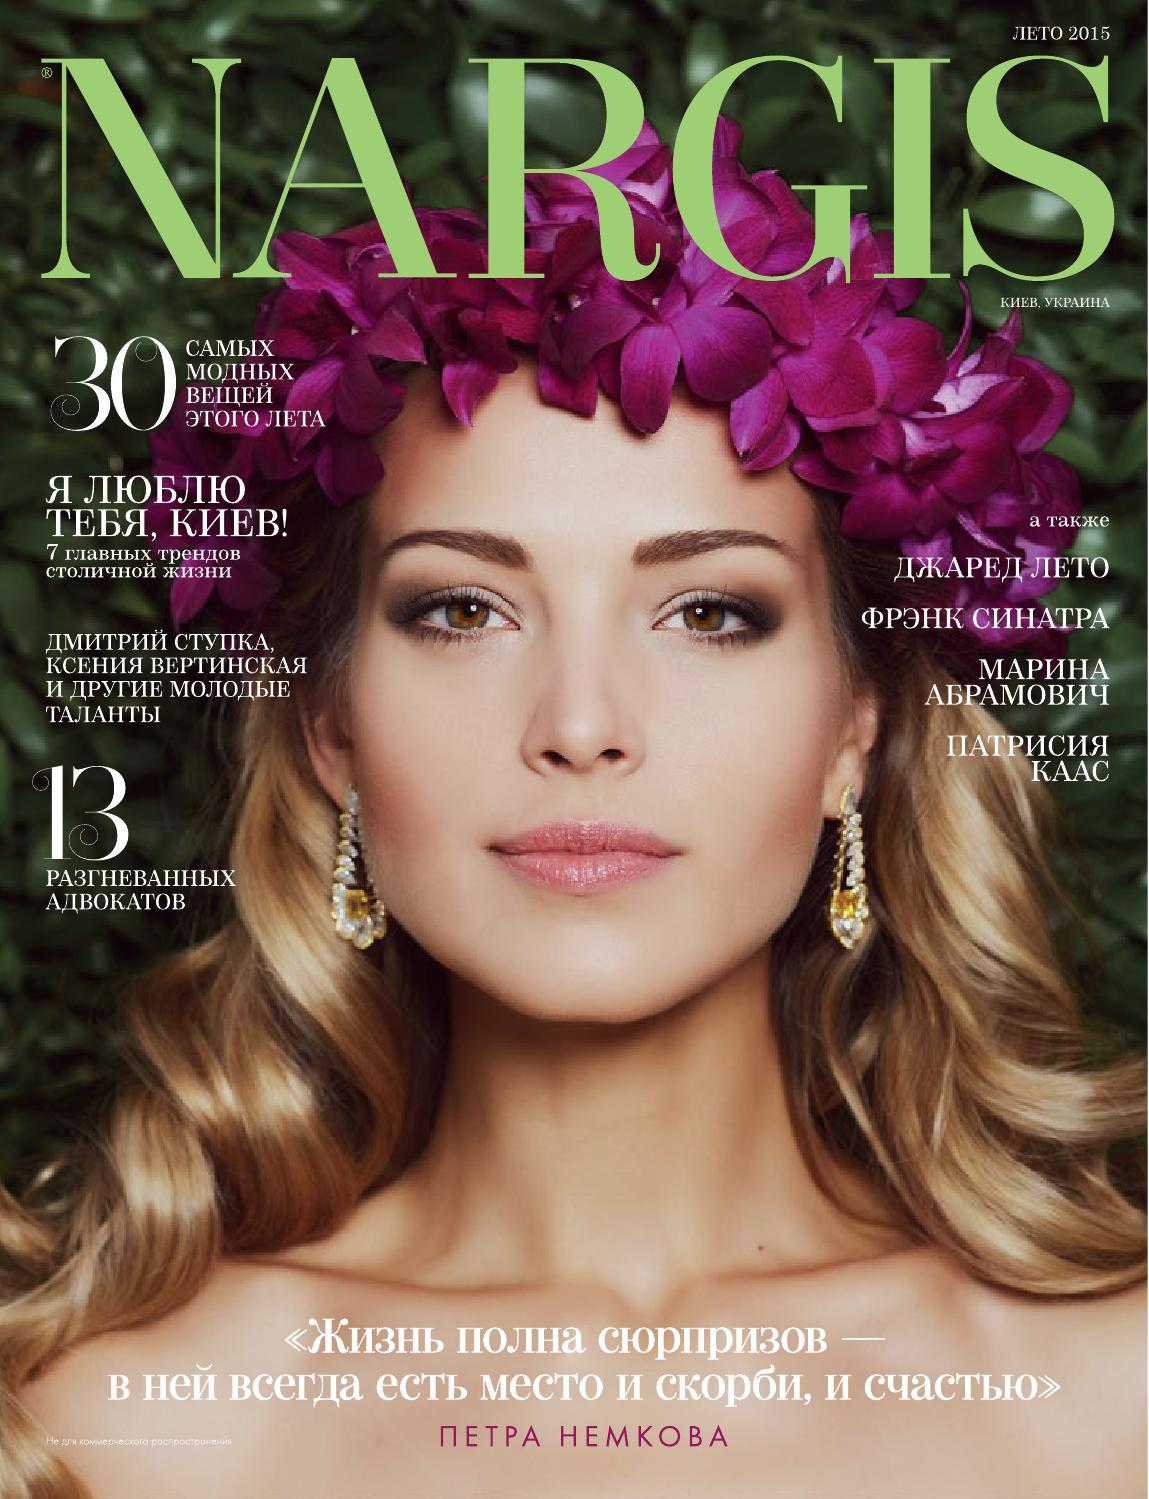 Nargis Ukraine Summer 2015   Наргис Украина Лето 2015 by Nargis Magazine -  issuu e3419be5e05